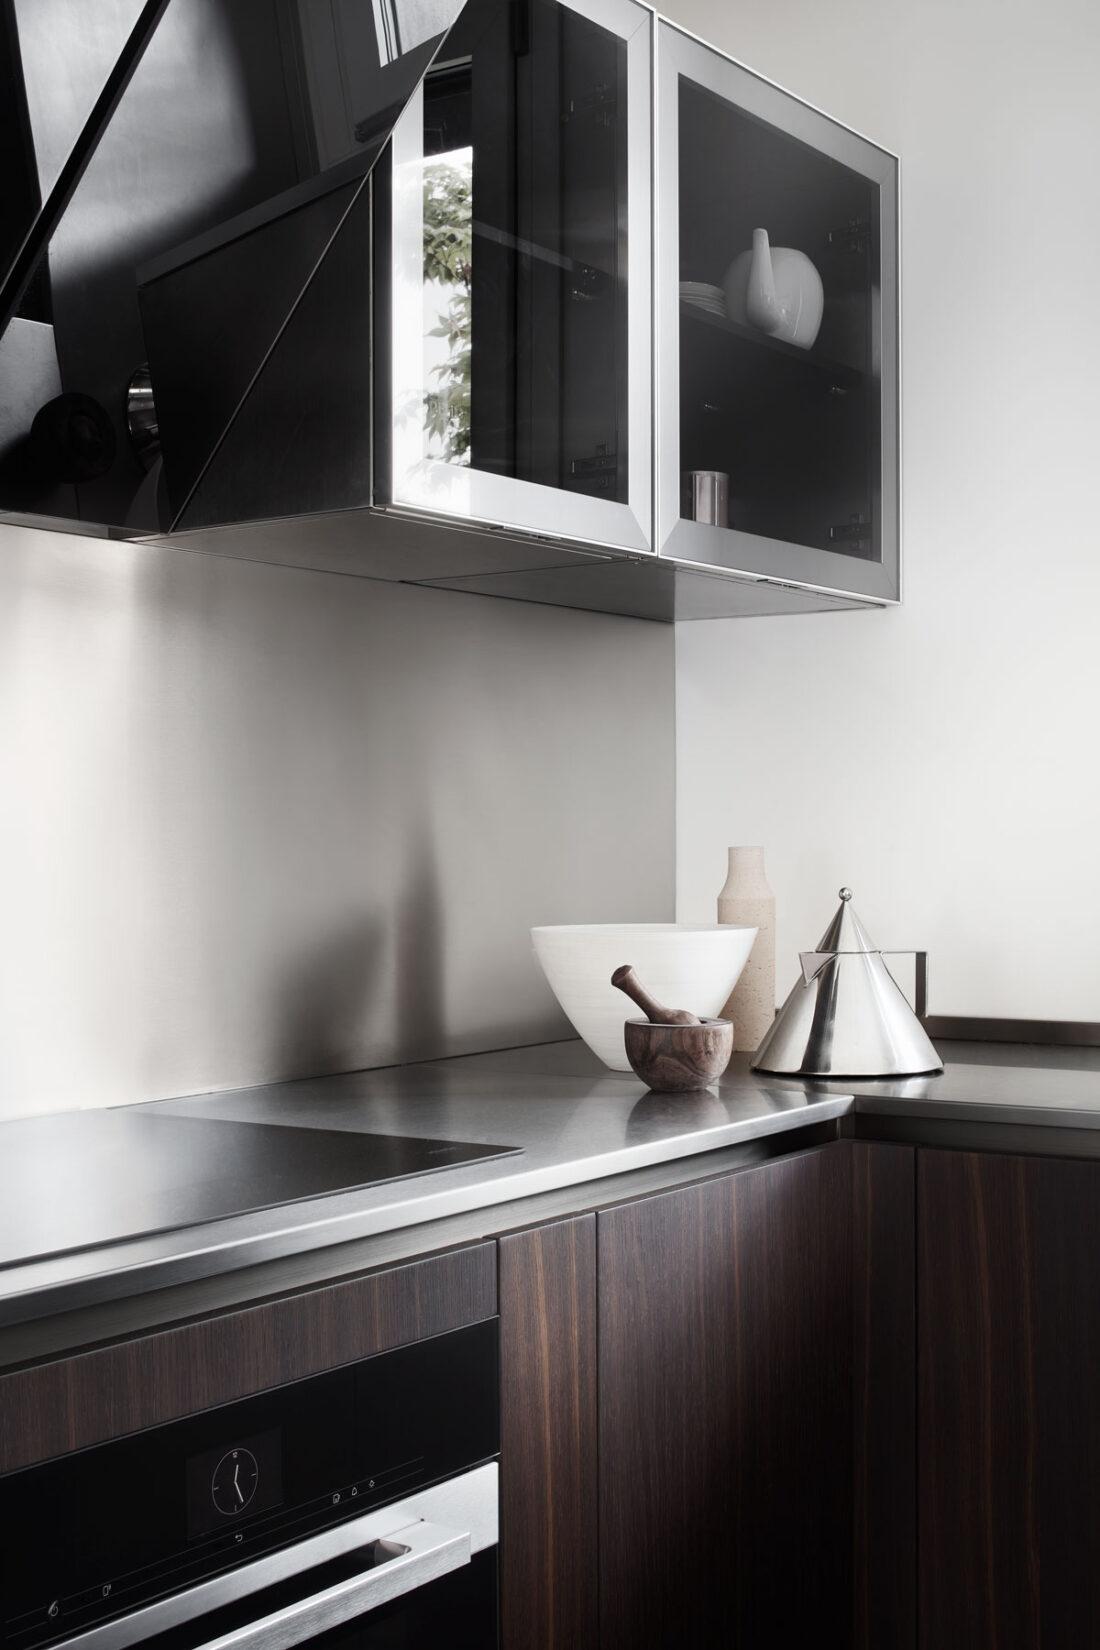 Cucina moderna in acciaio e legno con vasi raffinati ed elettrodomestici di lusso